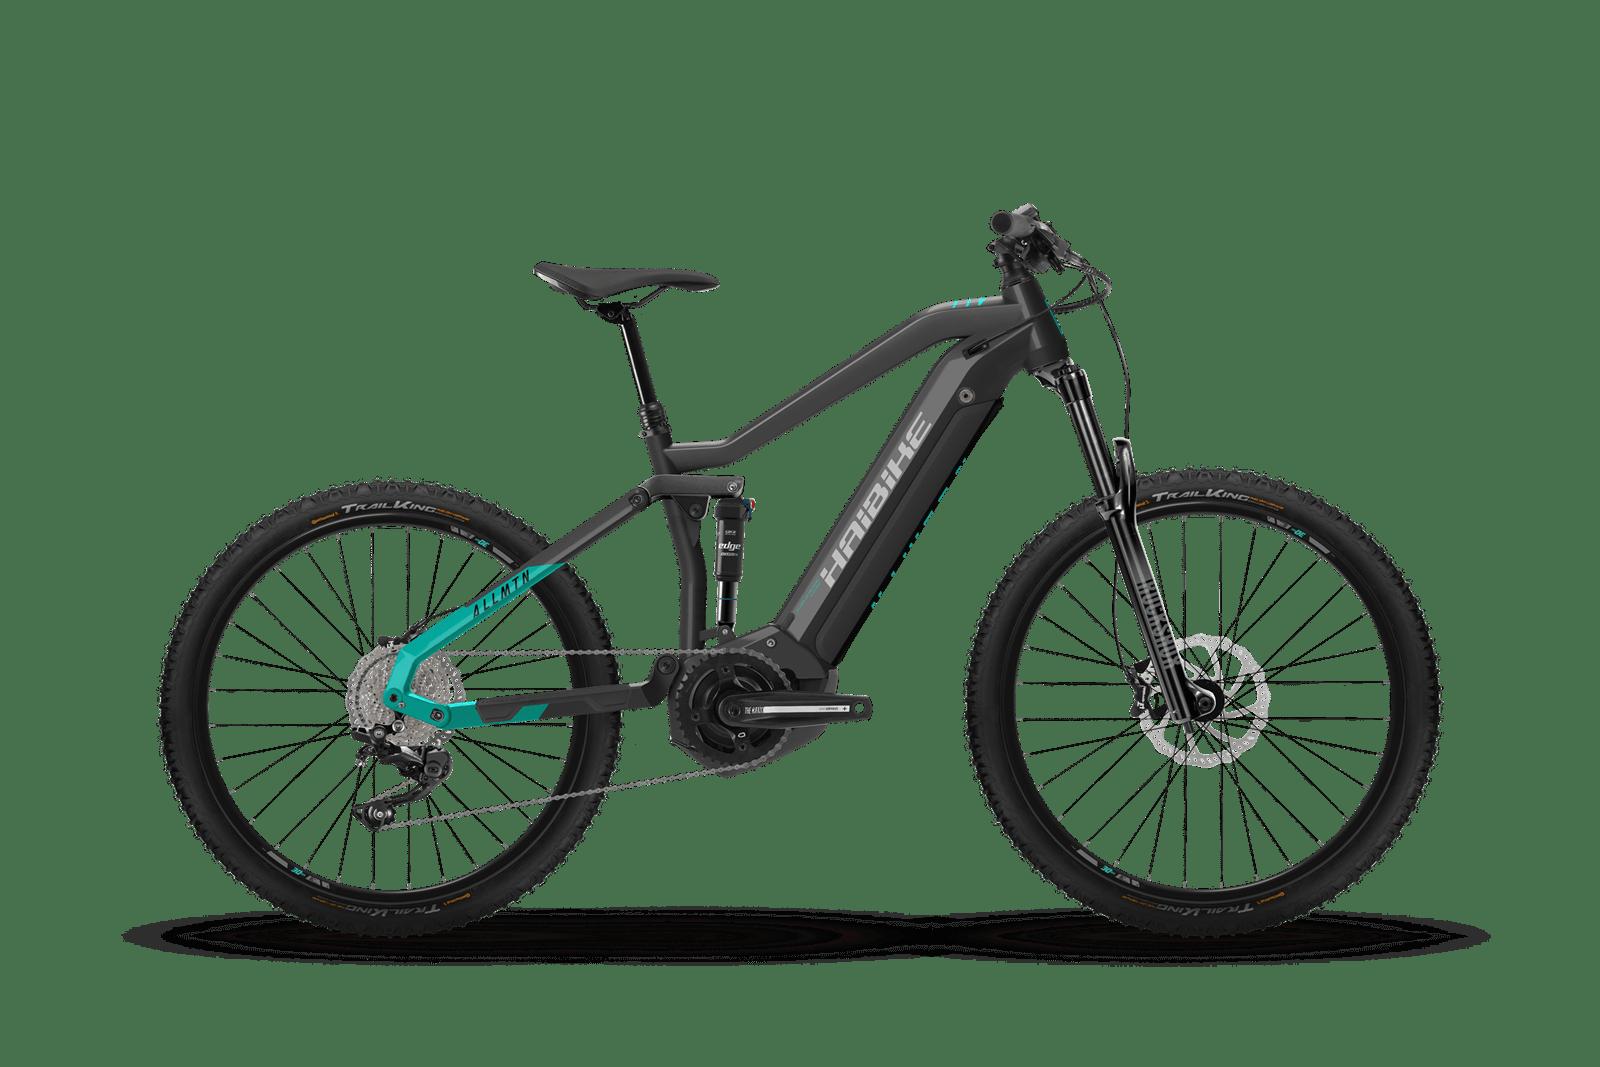 HAIBIKE AllMtn 1 MTB pedelec kerékpár - antracit - S (2021)